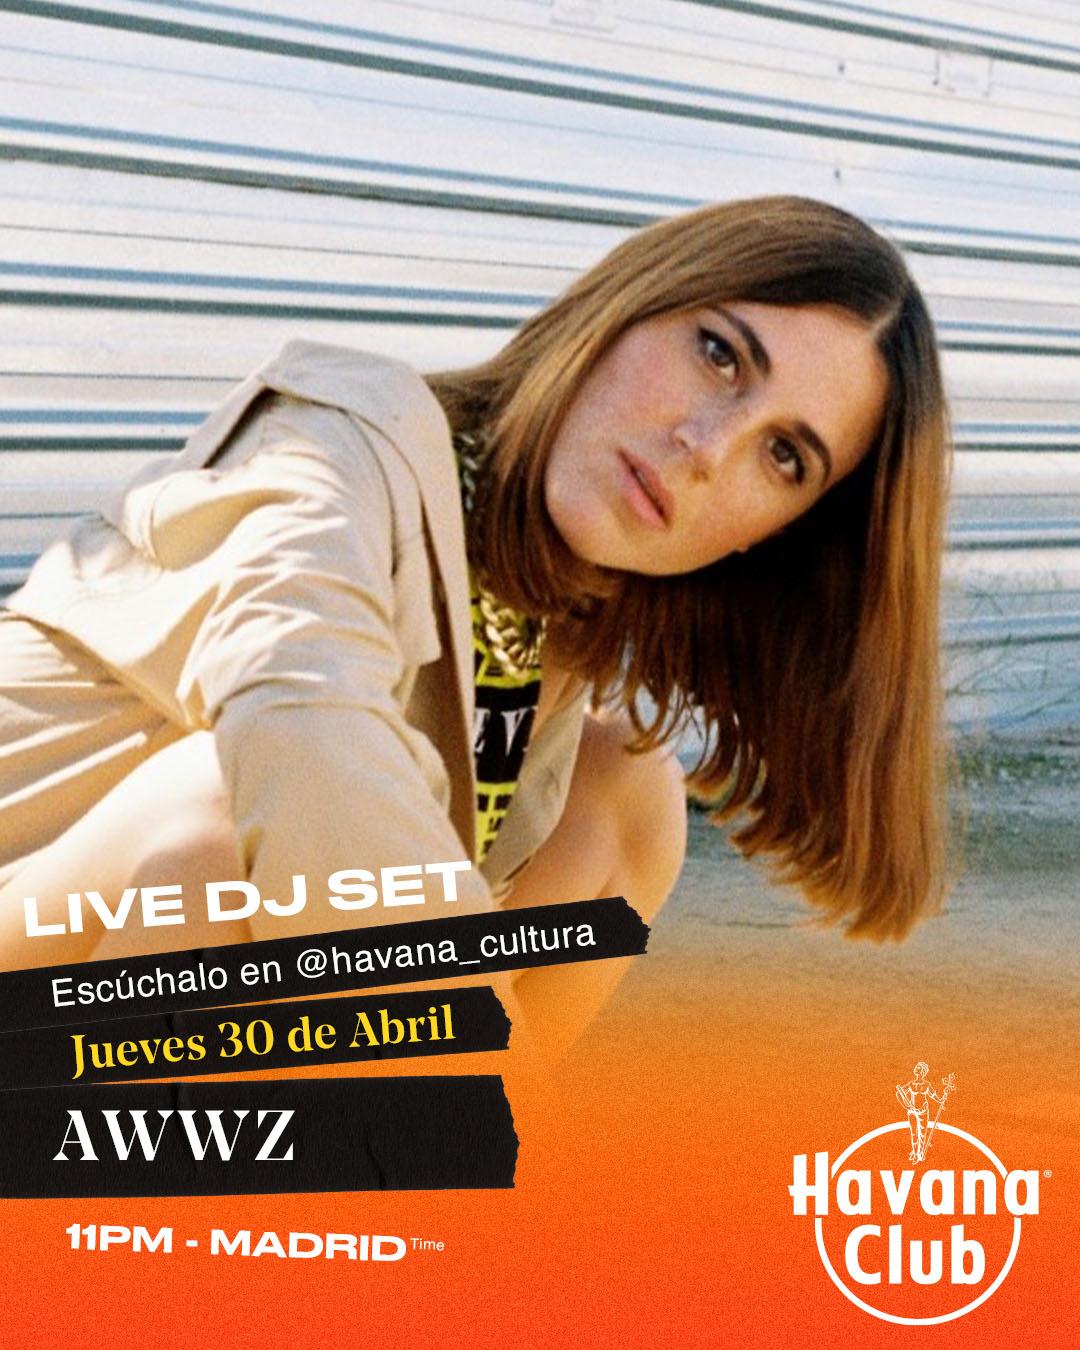 Awwz live Dj set con Havana Club